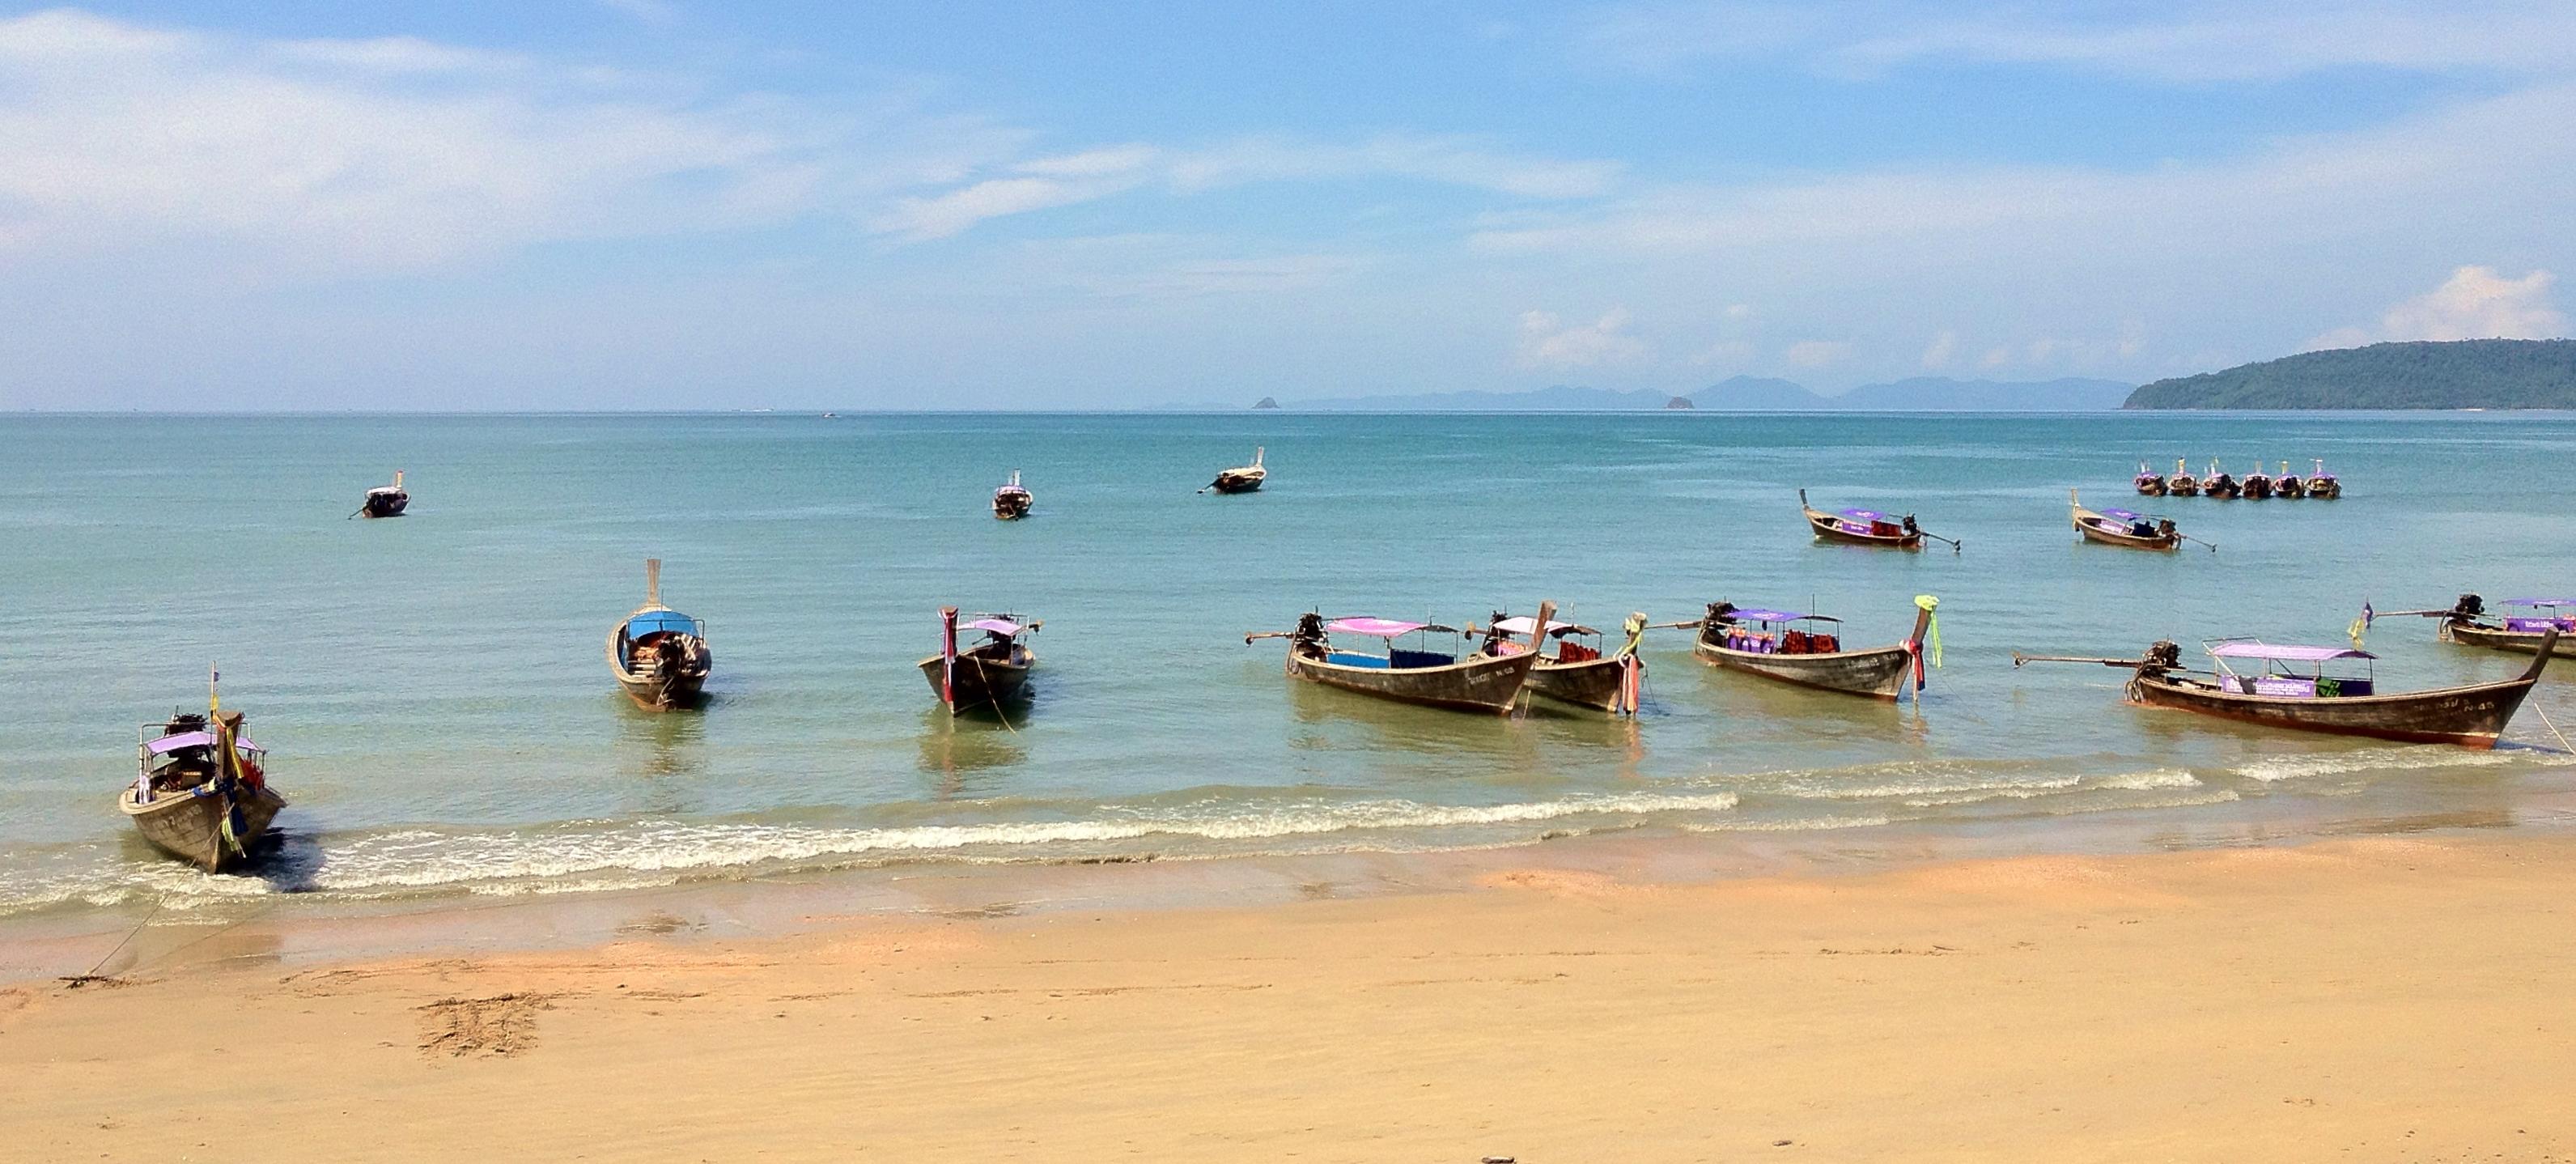 Aonang water taxis at Krabi Thailand